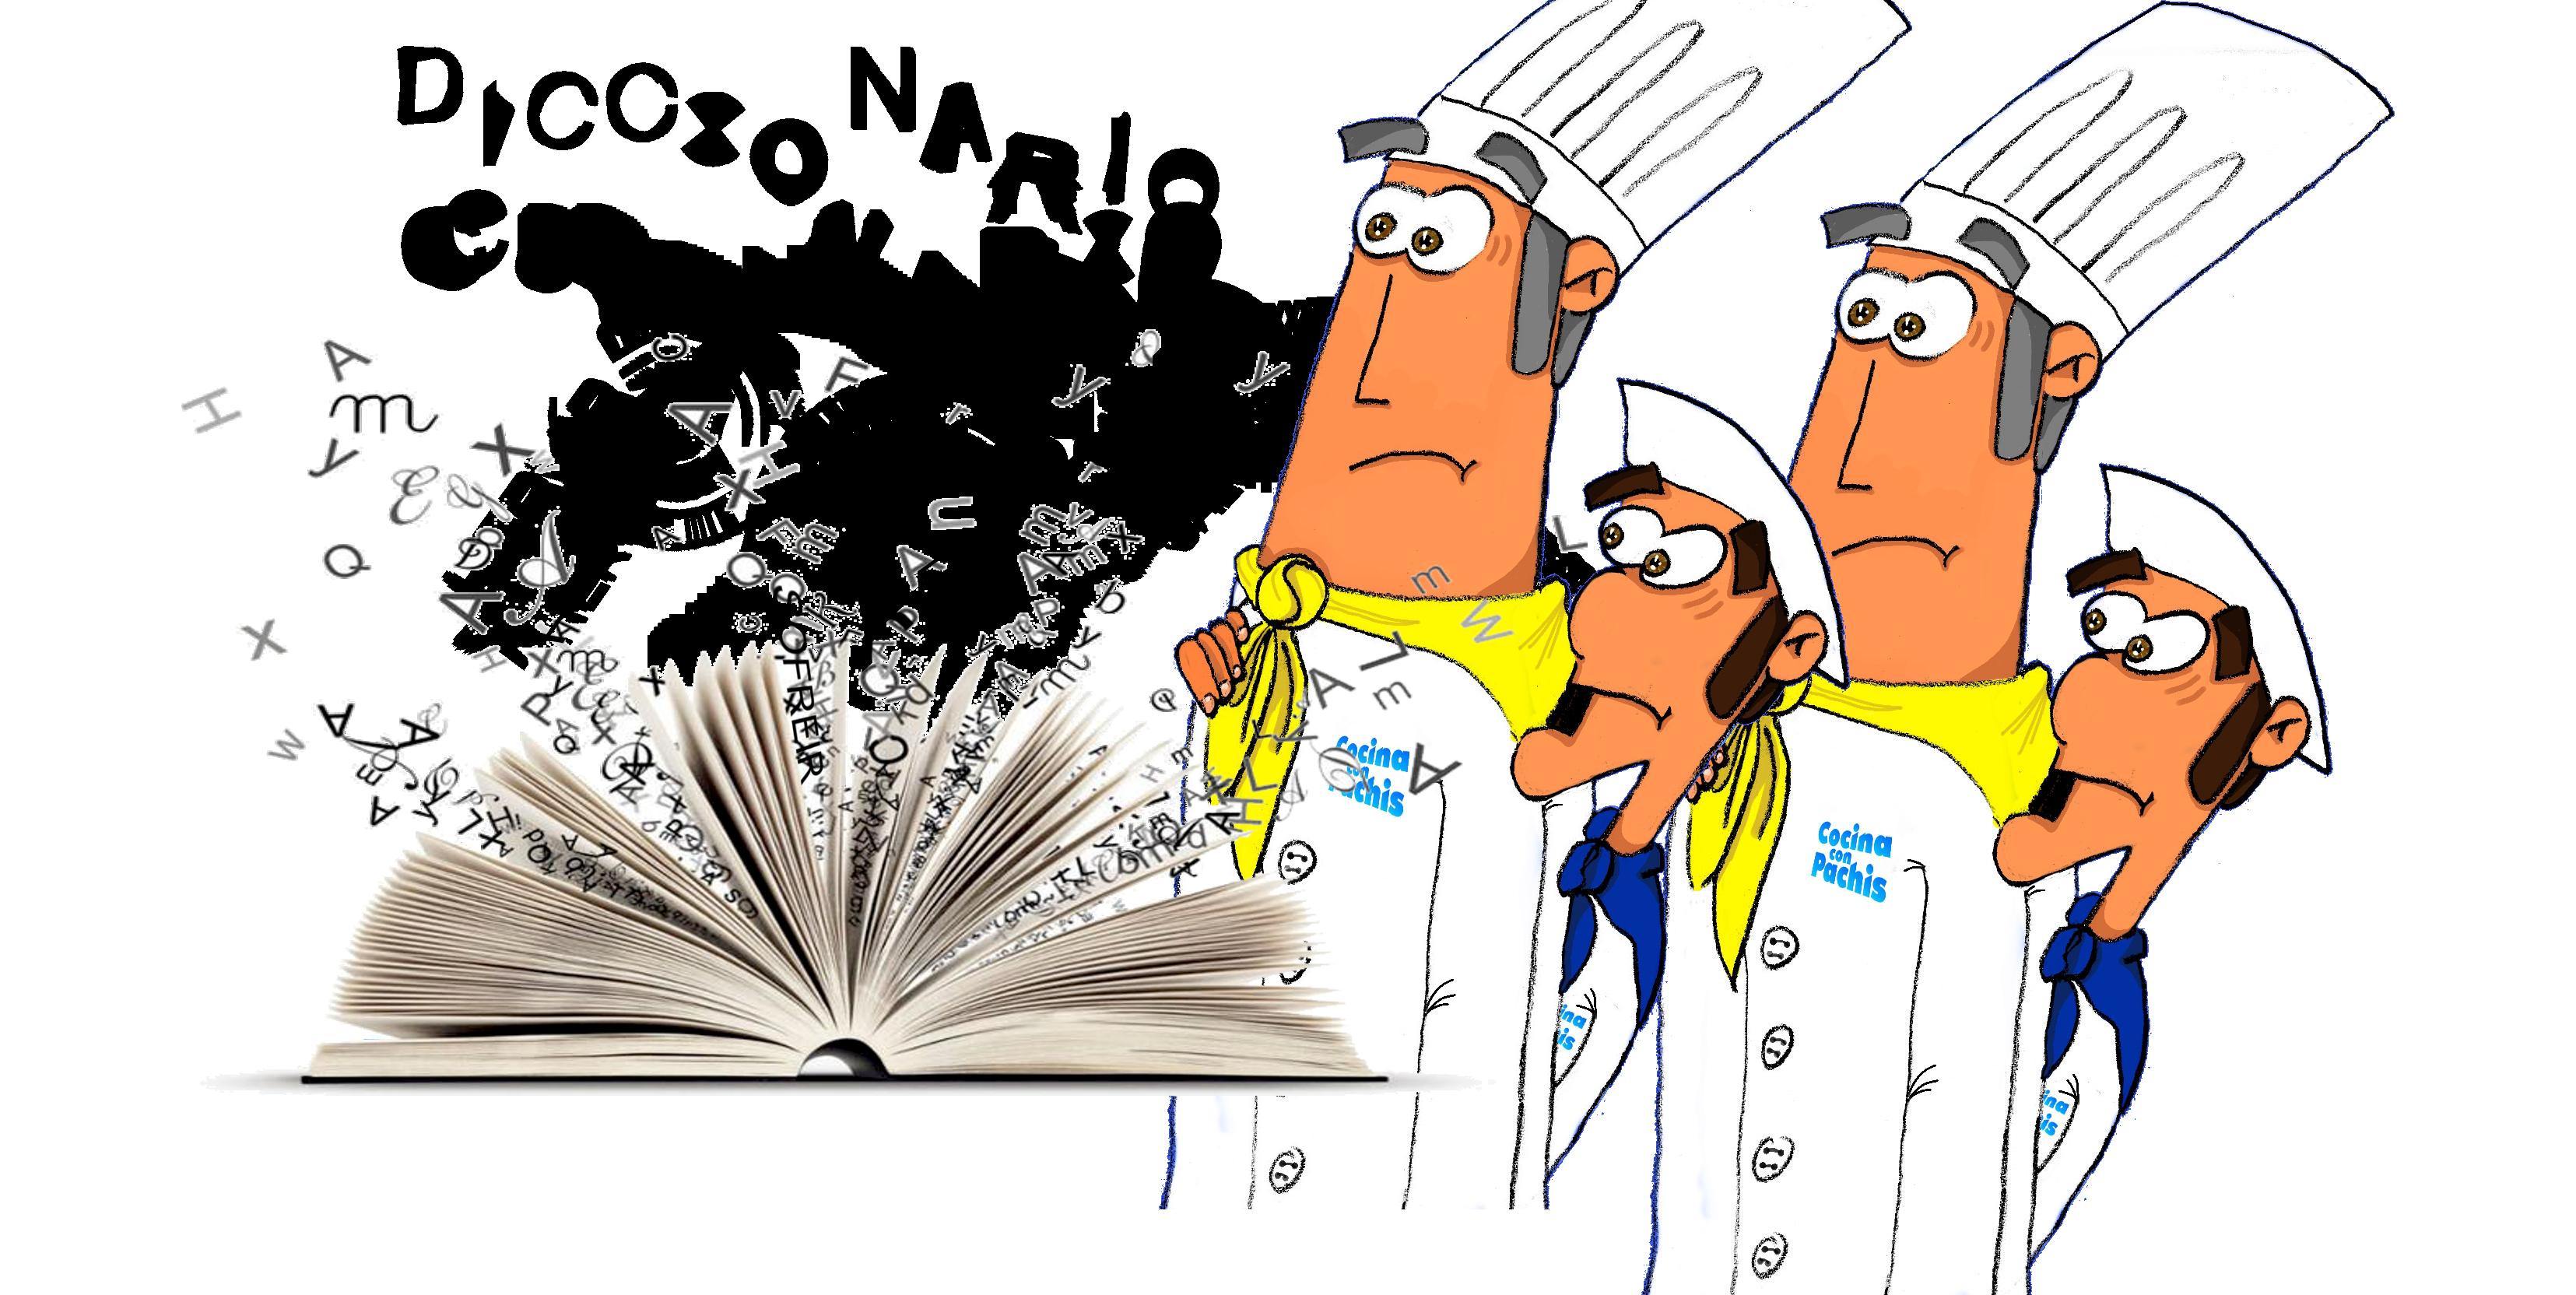 Logo de cocina con Pachis | Cocina con Pachis | Pinterest